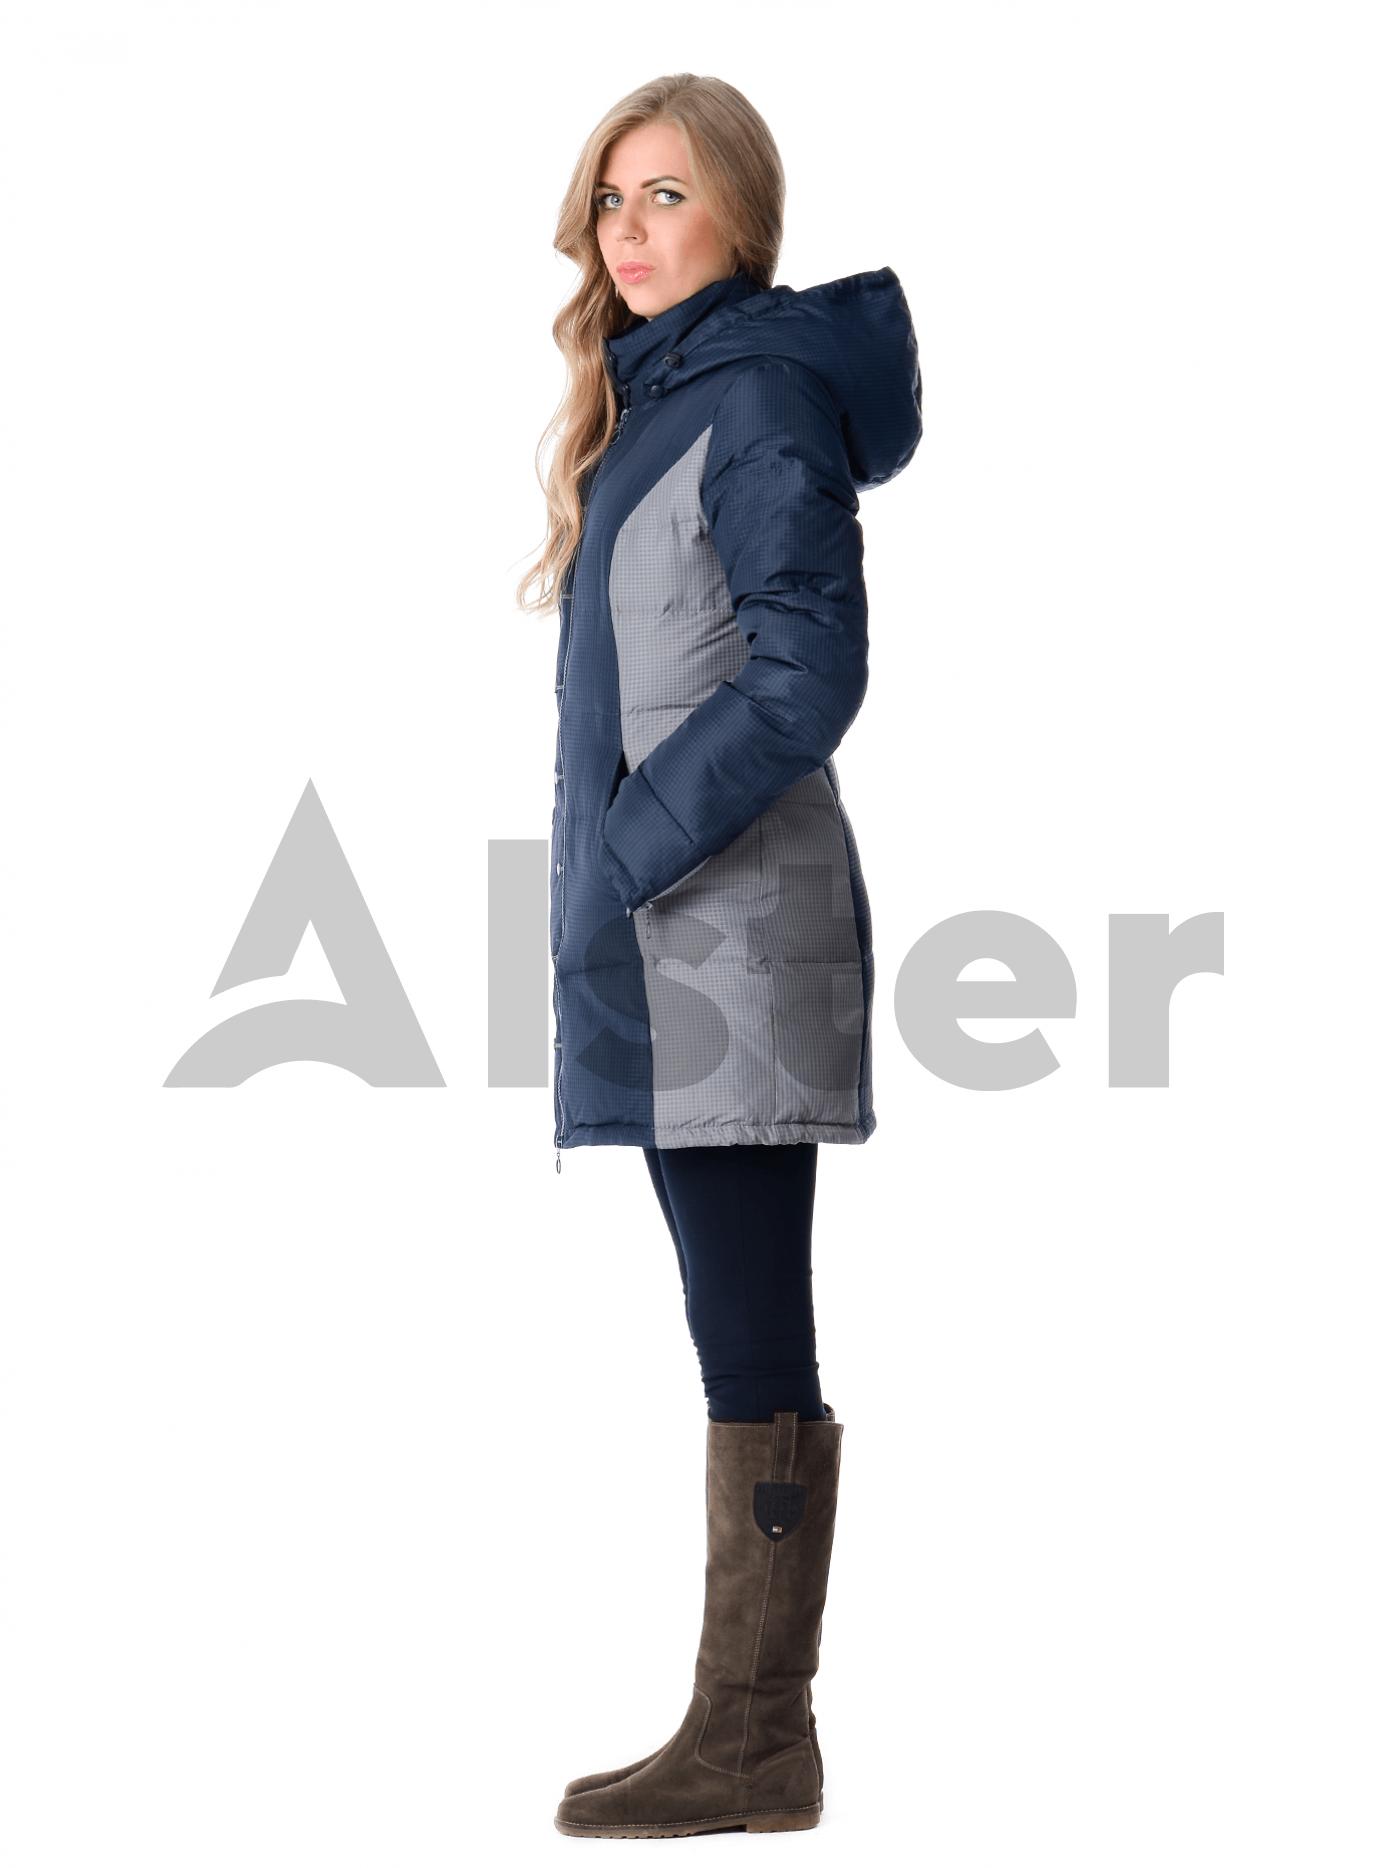 Пуховик зимний приталенный Тёмно-синий L (04-CC19079): фото - Alster.ua